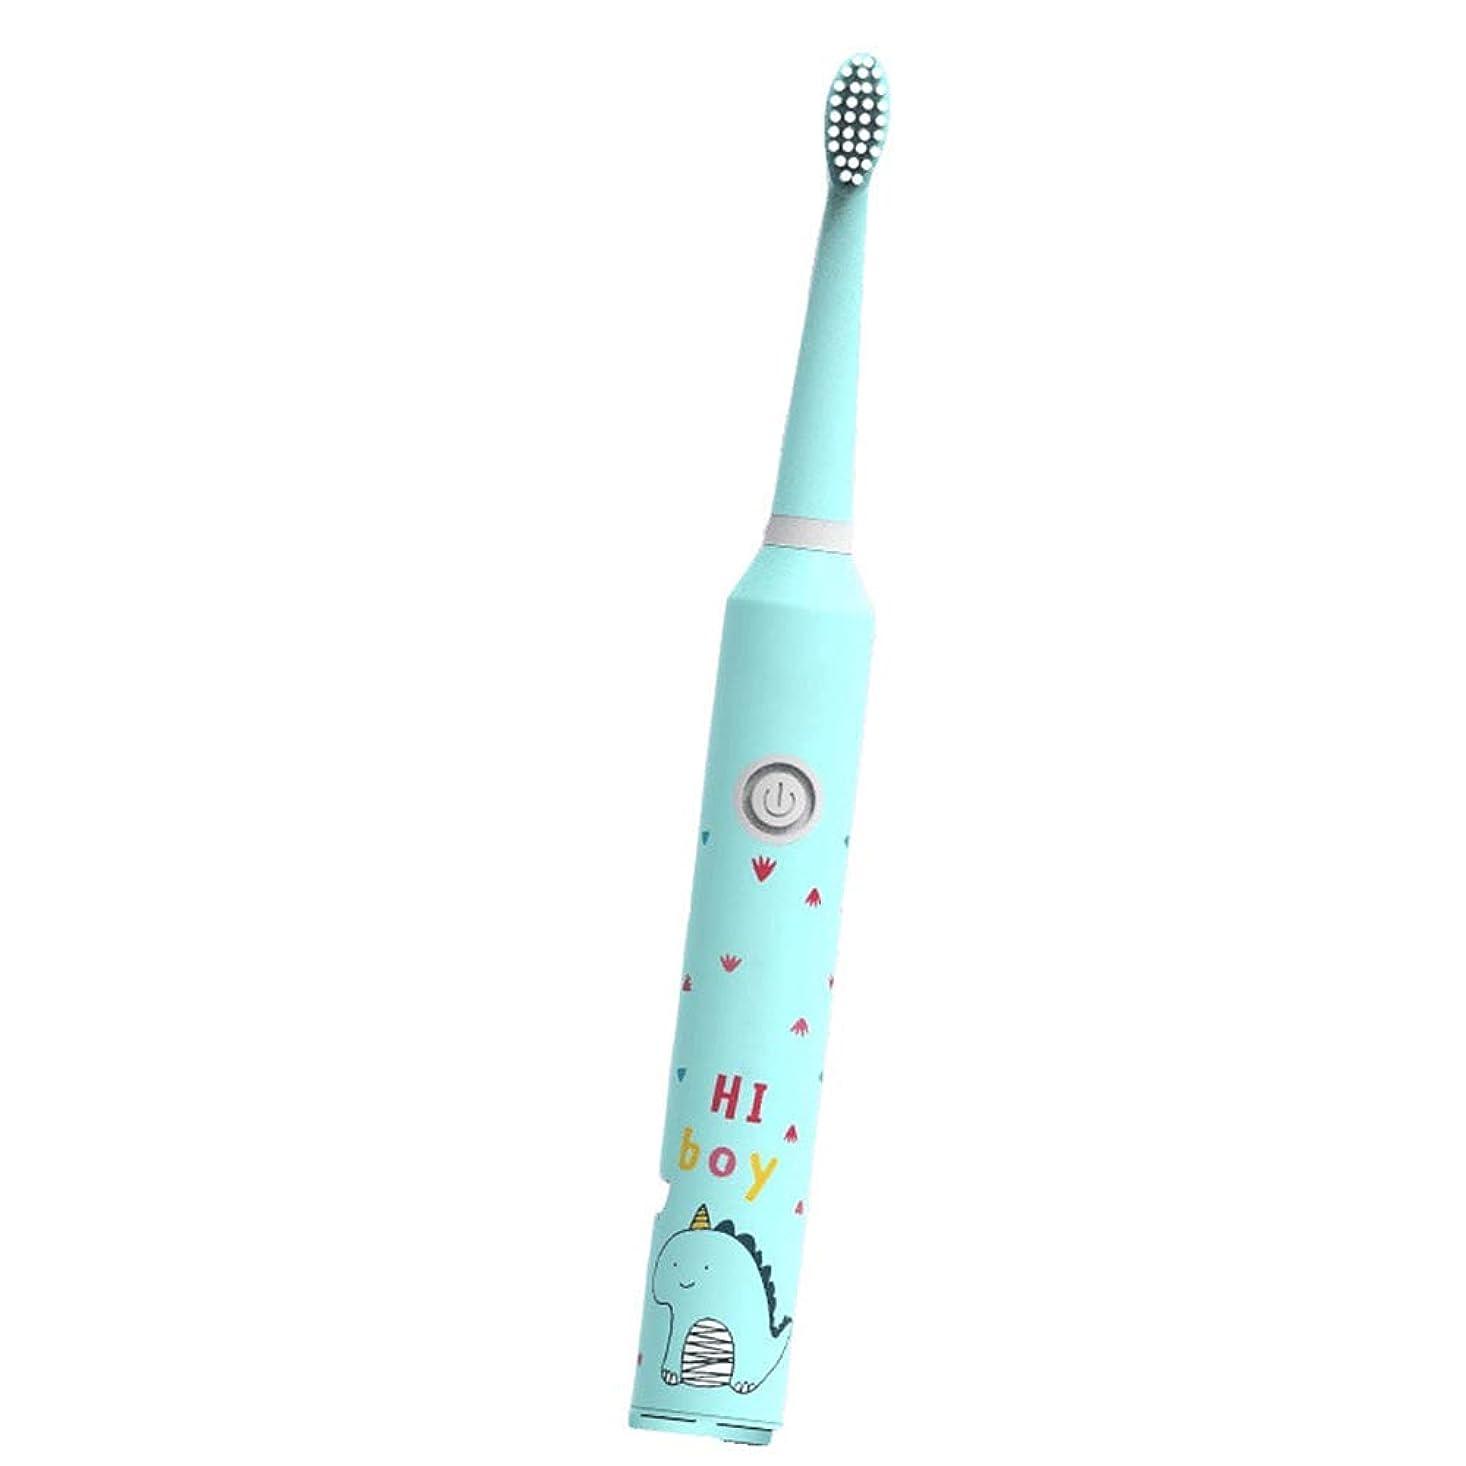 踏み台暴力的な代理店歯ブラシの取り外しのための取り替えのブラシの頭部および歯を白くすることを用いる子供の電動歯ブラシ(子供の電子歯ブラシ)